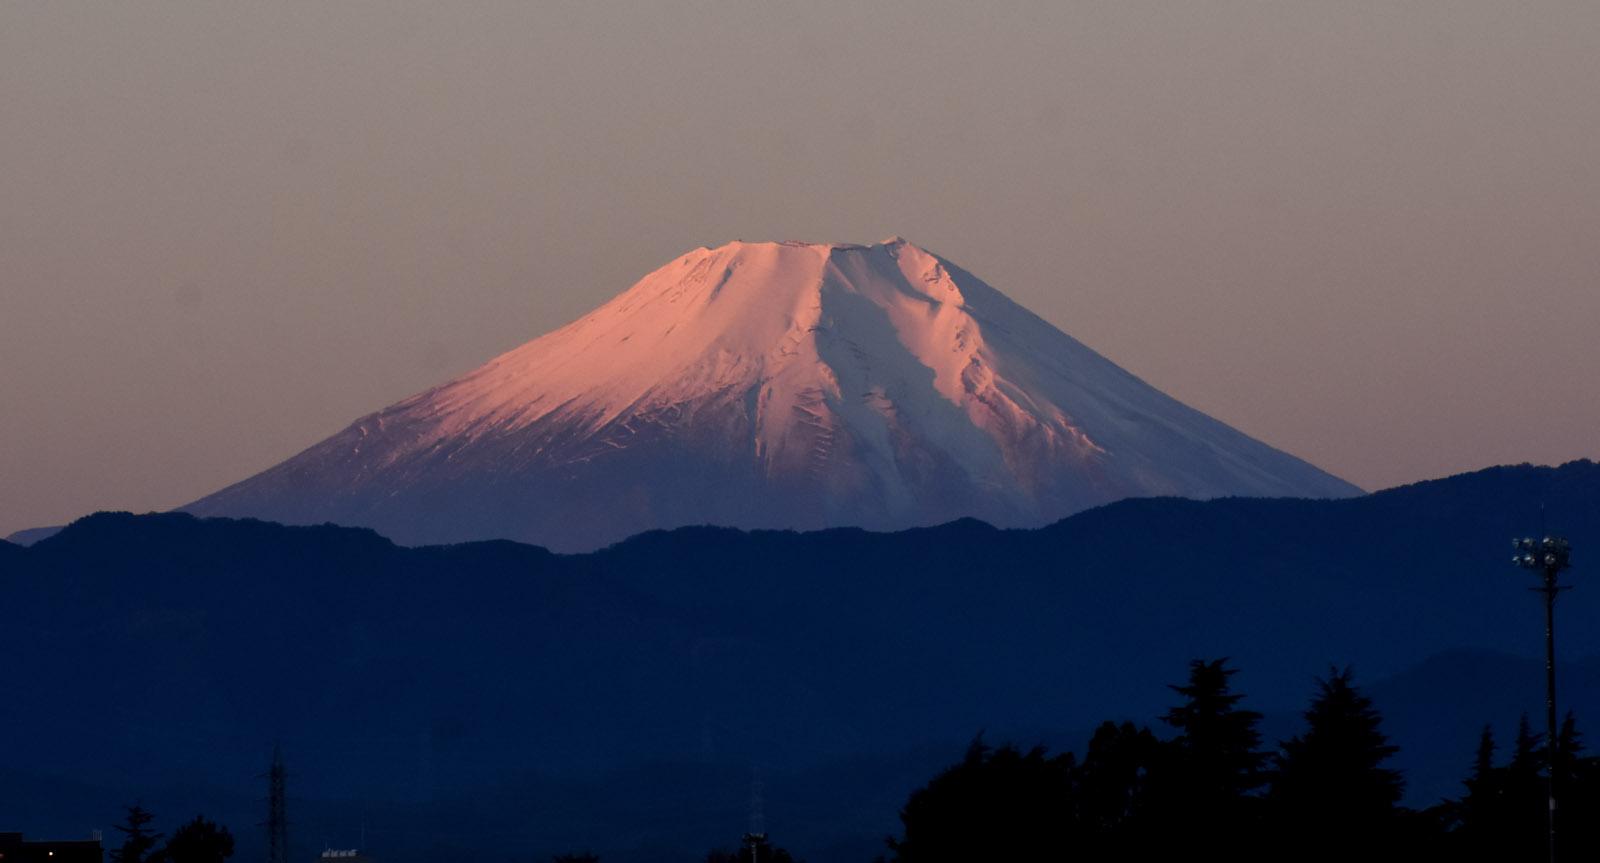 Fuji181115g210